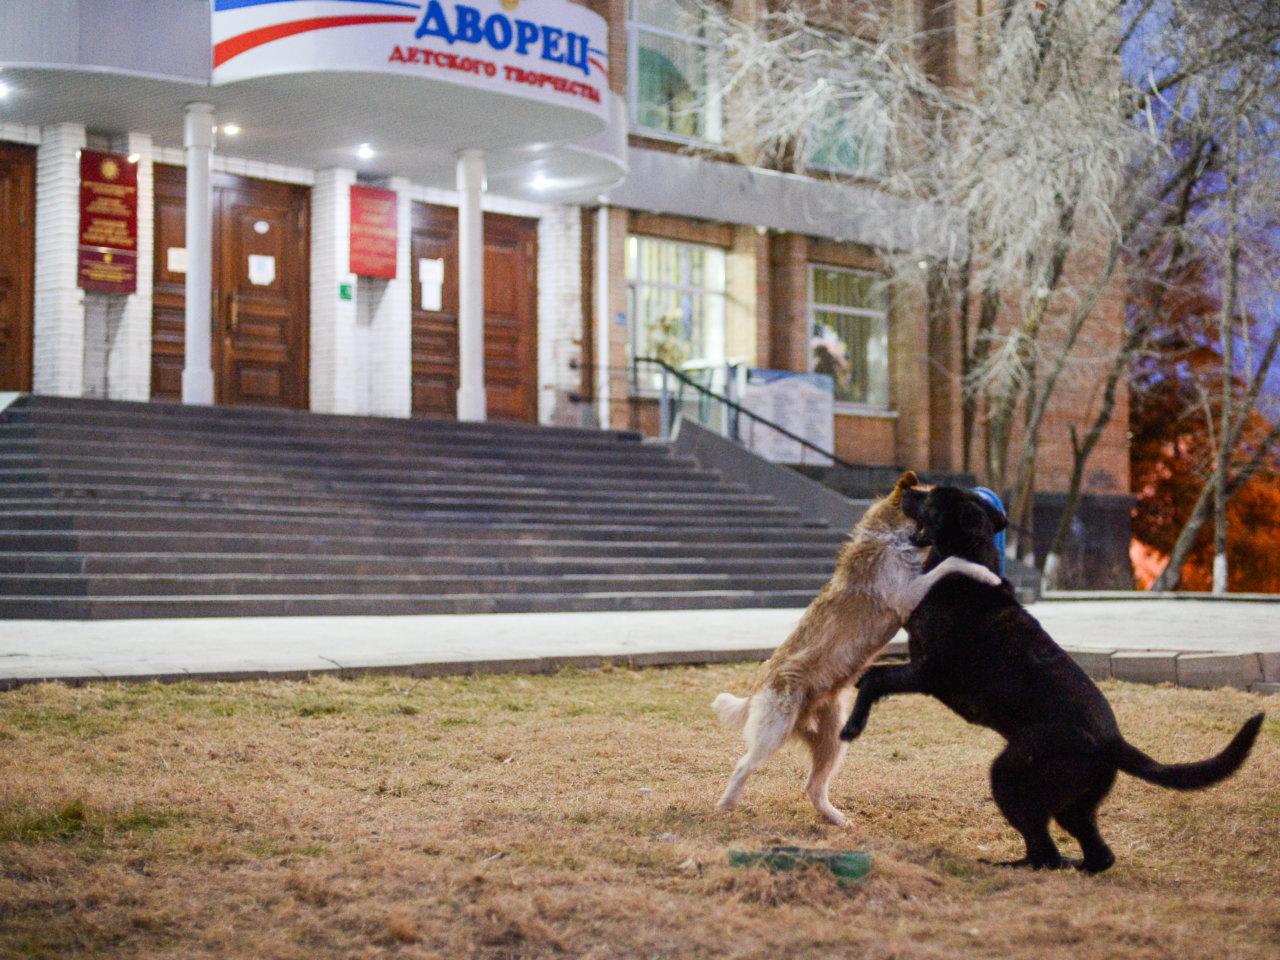 В нашествии собак обвинили экс-чиновника администрации Астрахани